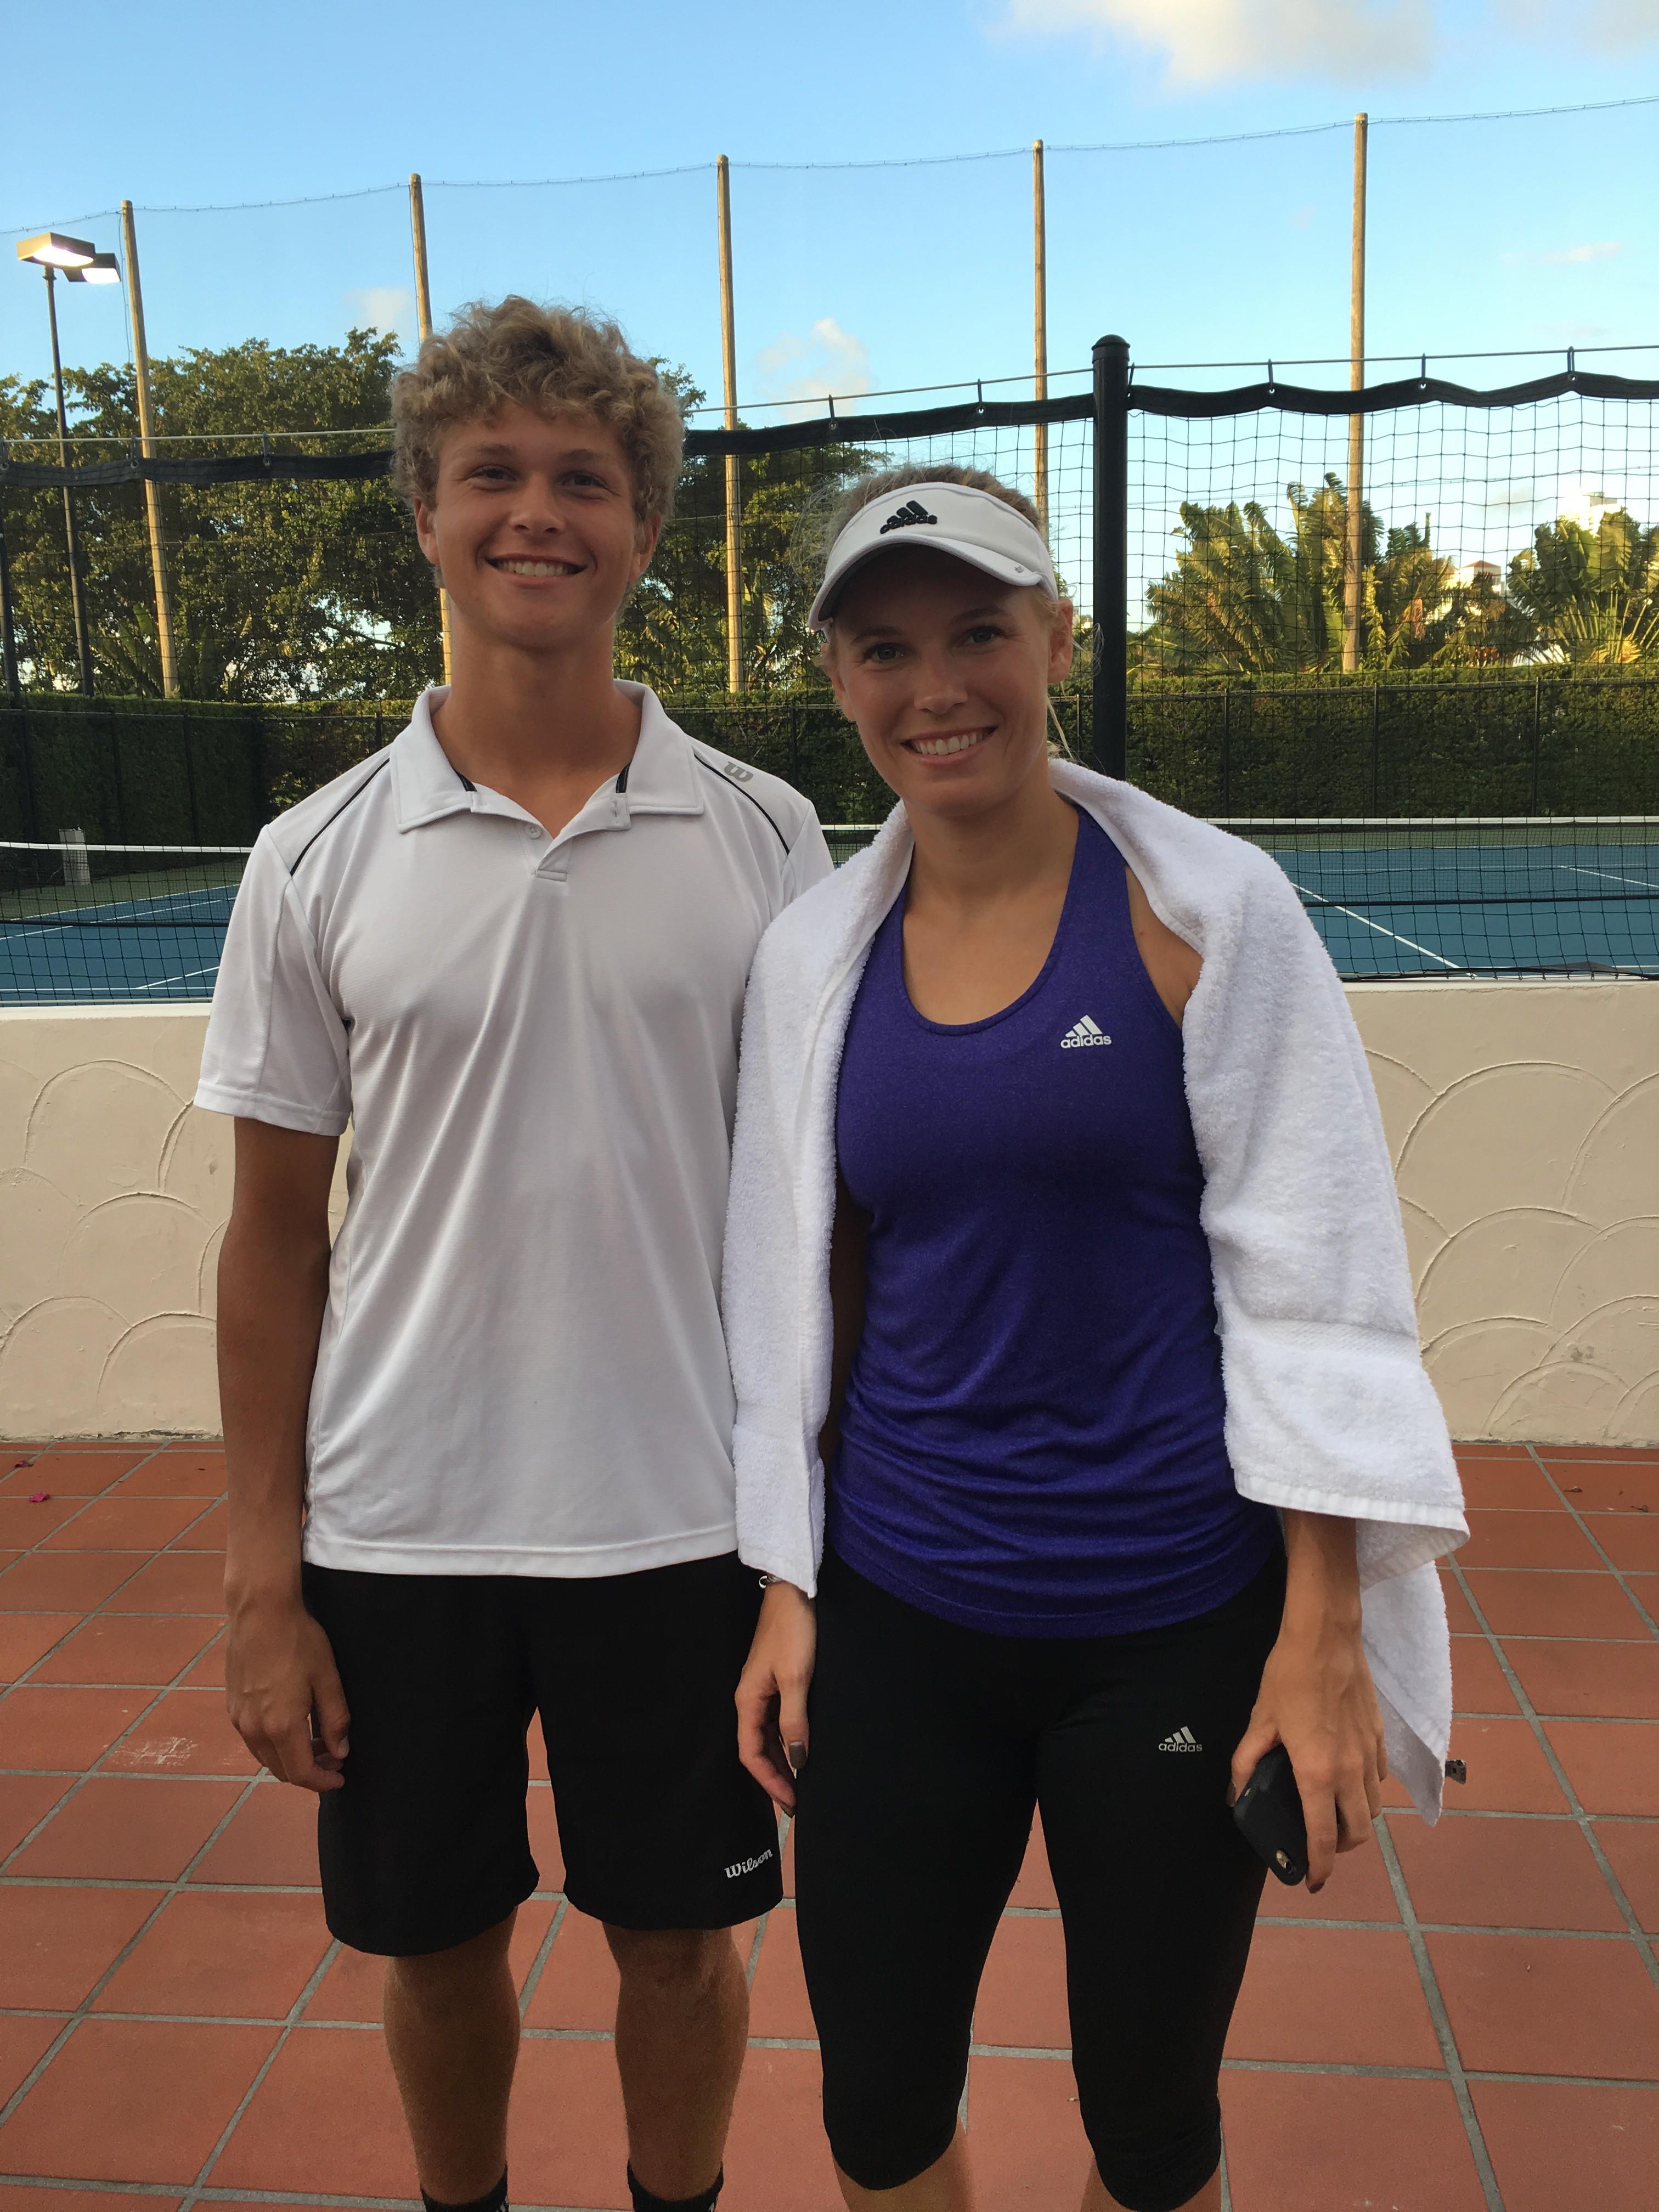 August Holmgren, Caroline Wozniacki